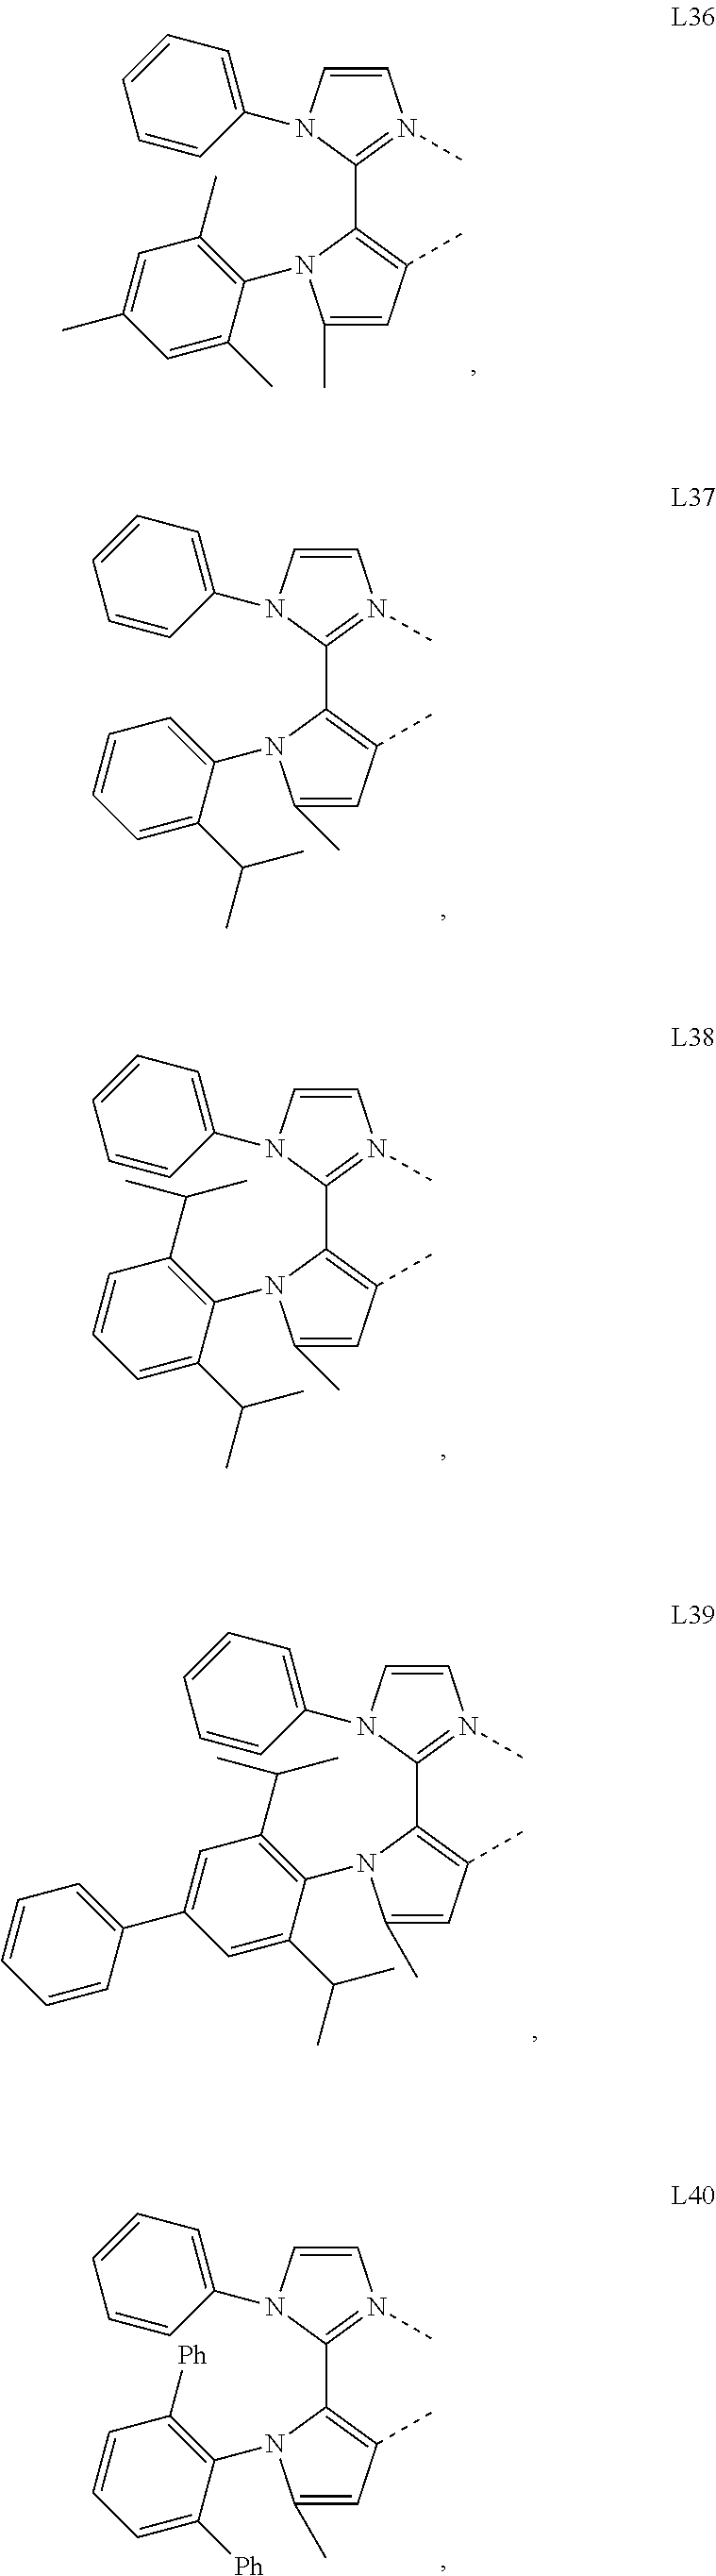 Figure US09935277-20180403-C00012